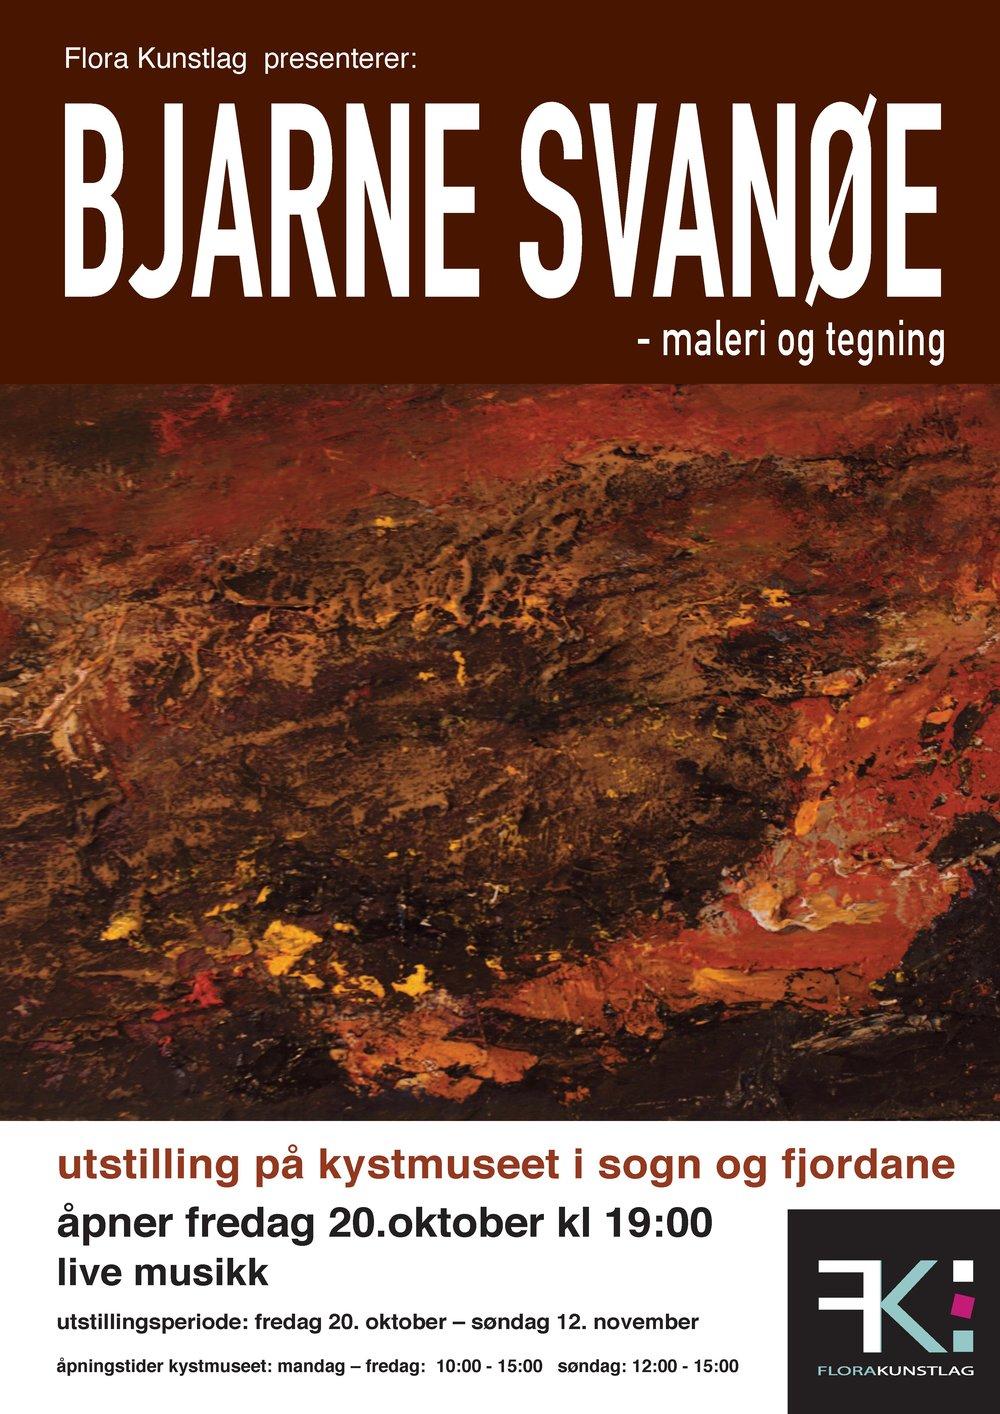 FK_Bjarne_Svanoe_okt_17_A3_II_bokmål.jpg